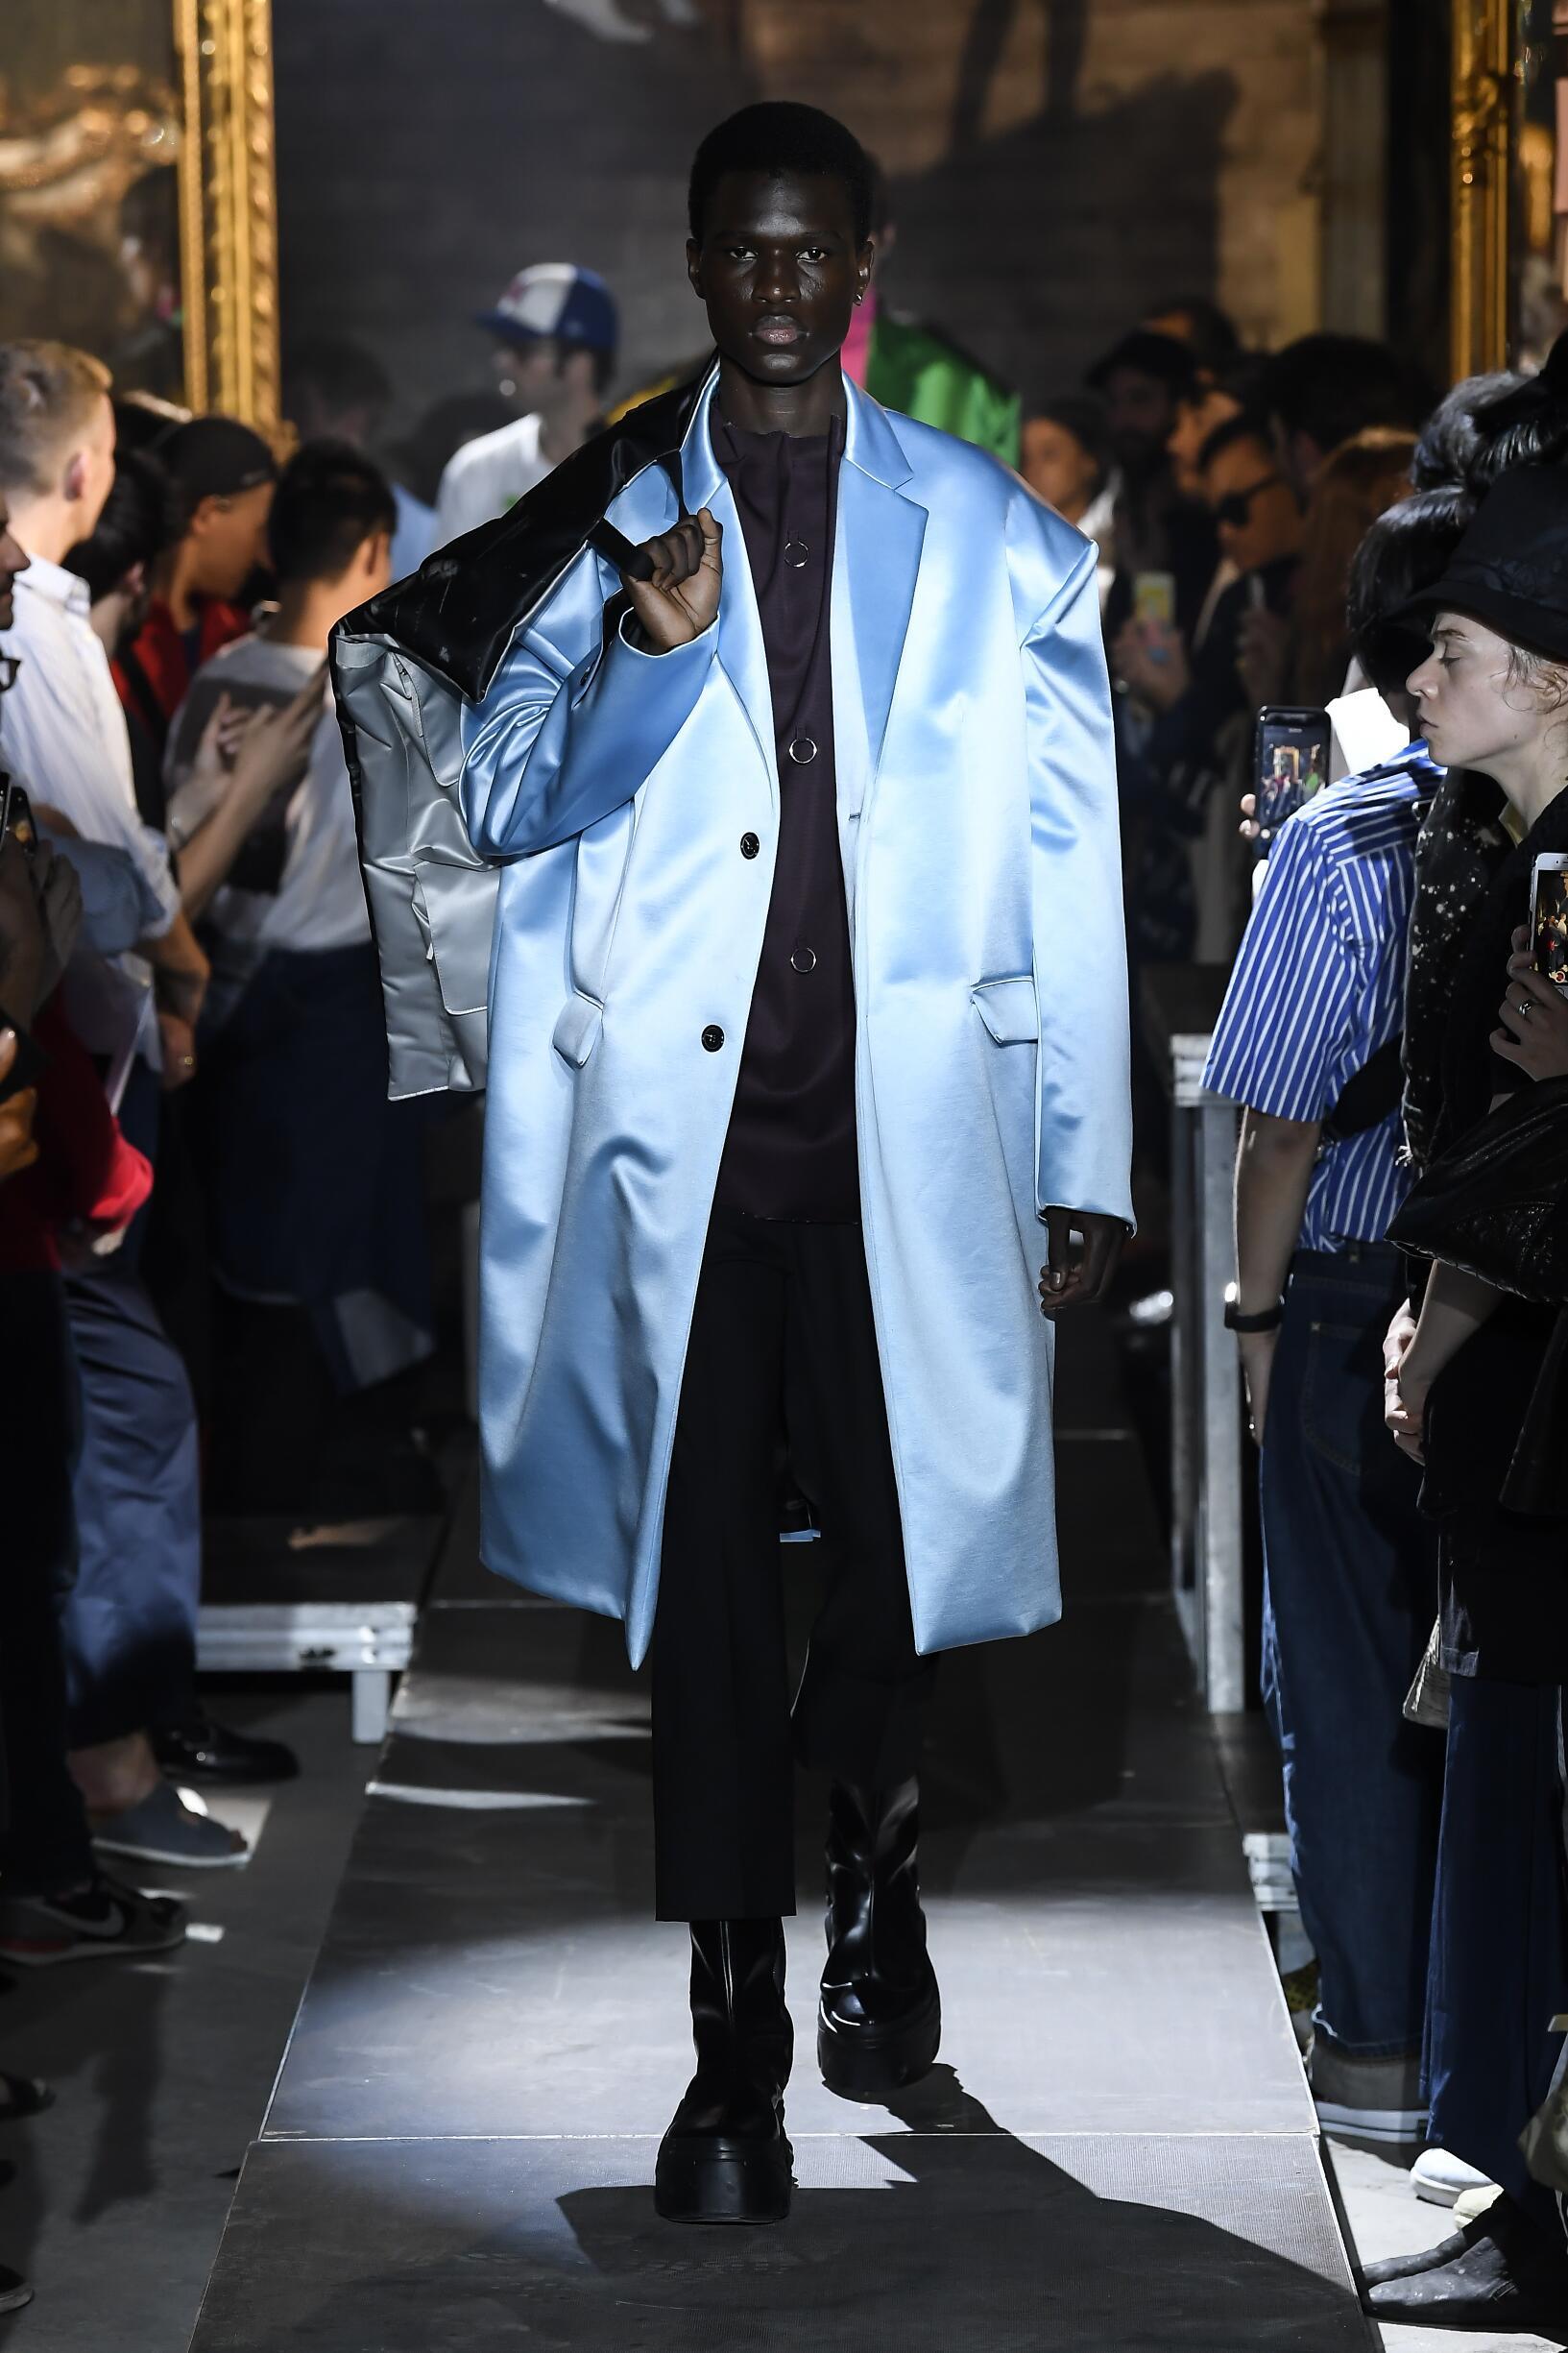 SS 2019 Raf Simons Fashion Show